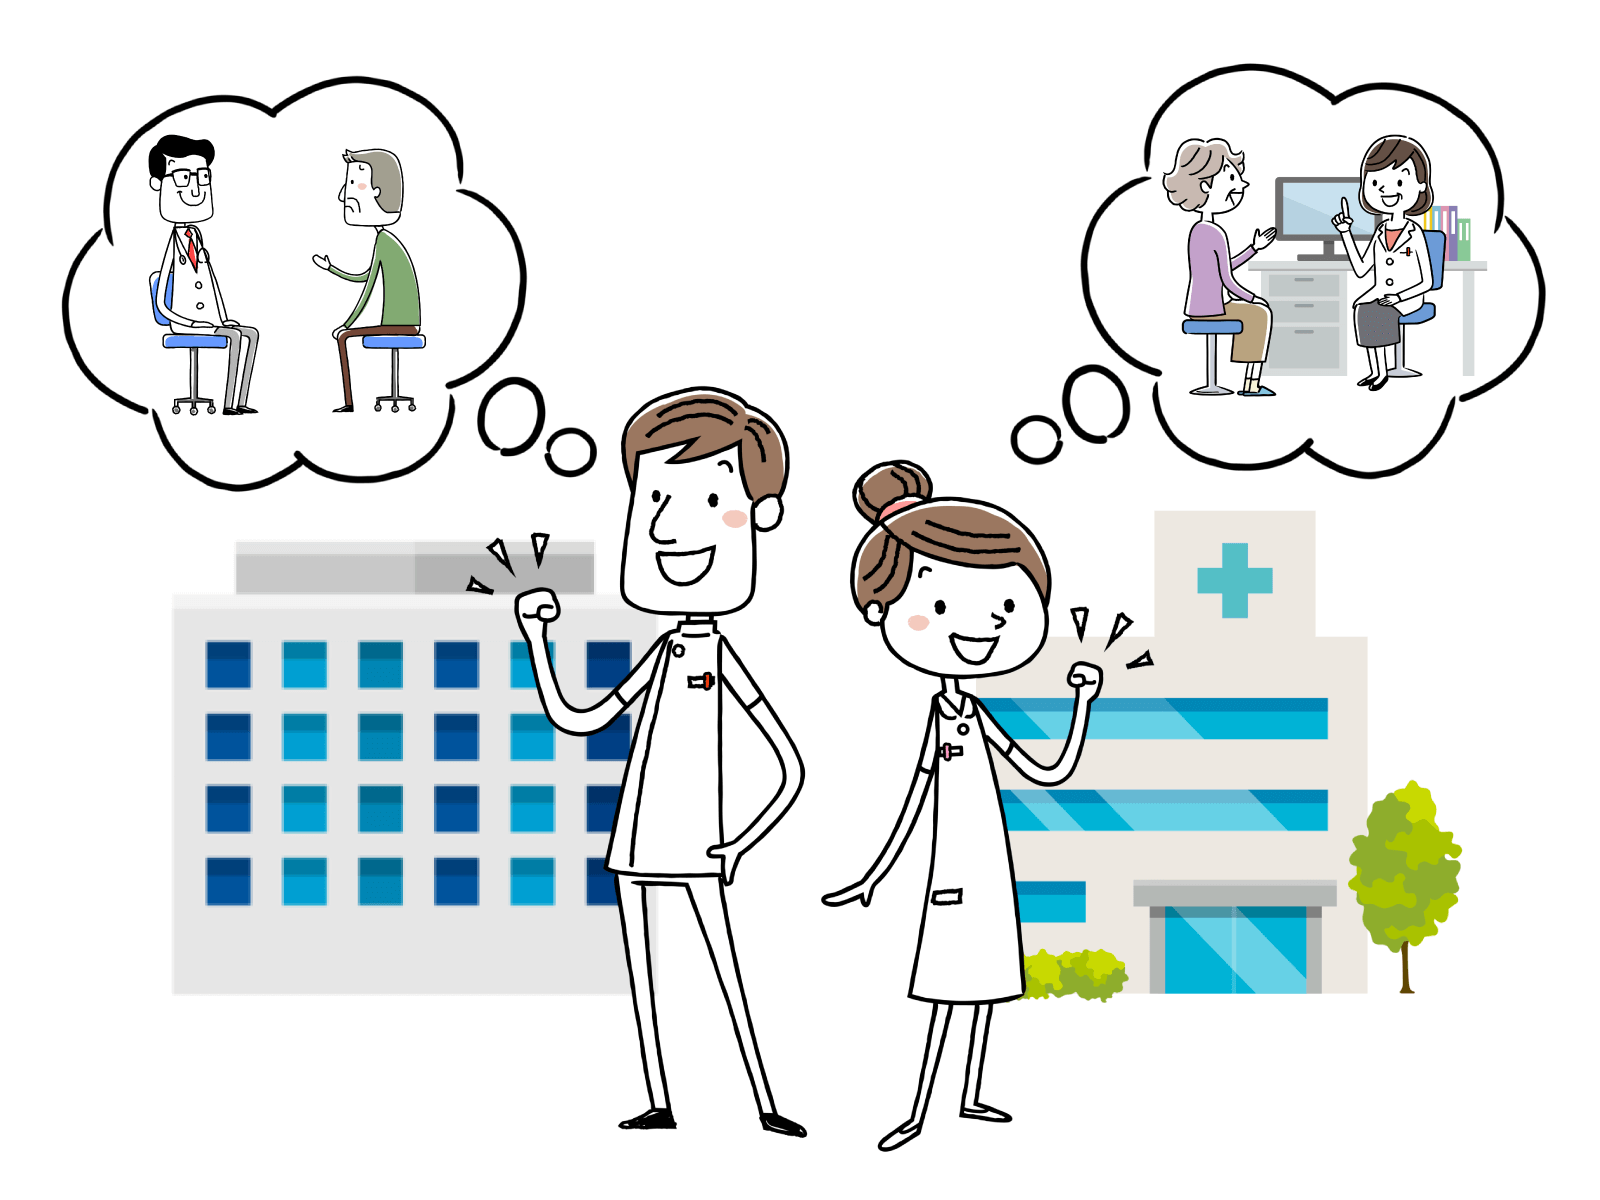 病院、診療所で医師のサポートをすることが仕事のイメージイラスト